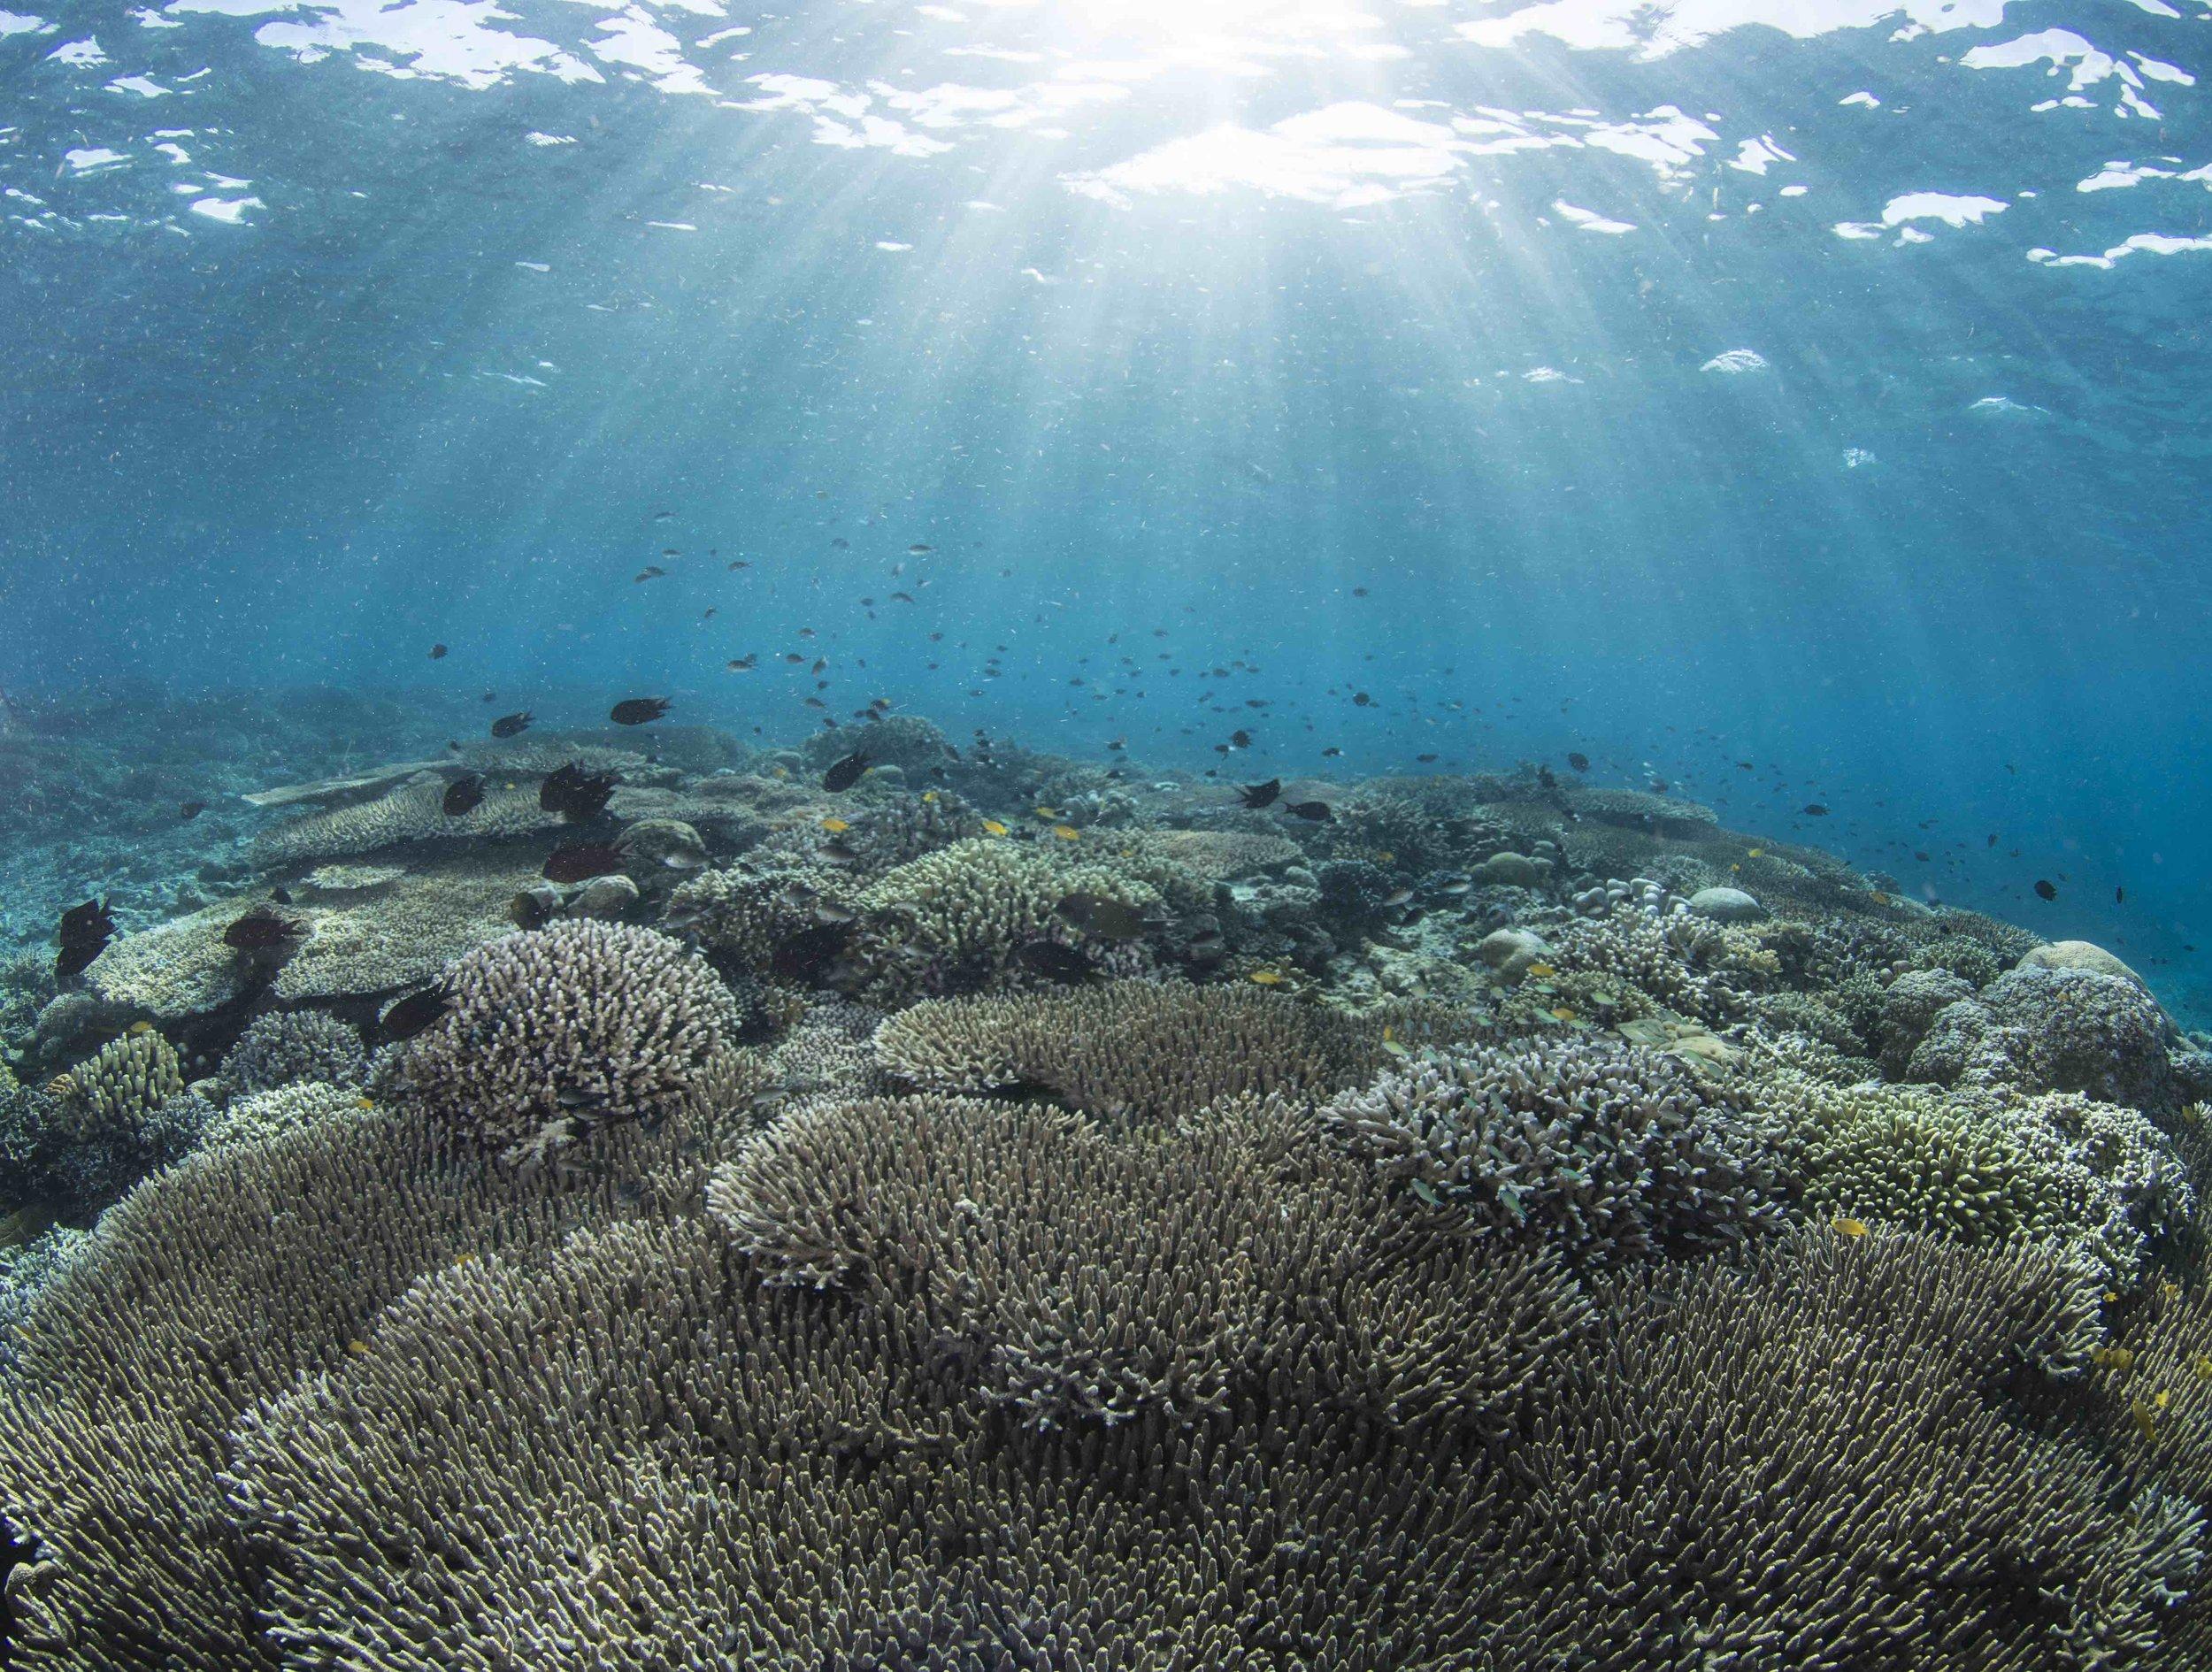 14 - coral Reefs in Manado are surprisingly healthy CREDIT: The Ocean Agency / paul g. allen philanthropies